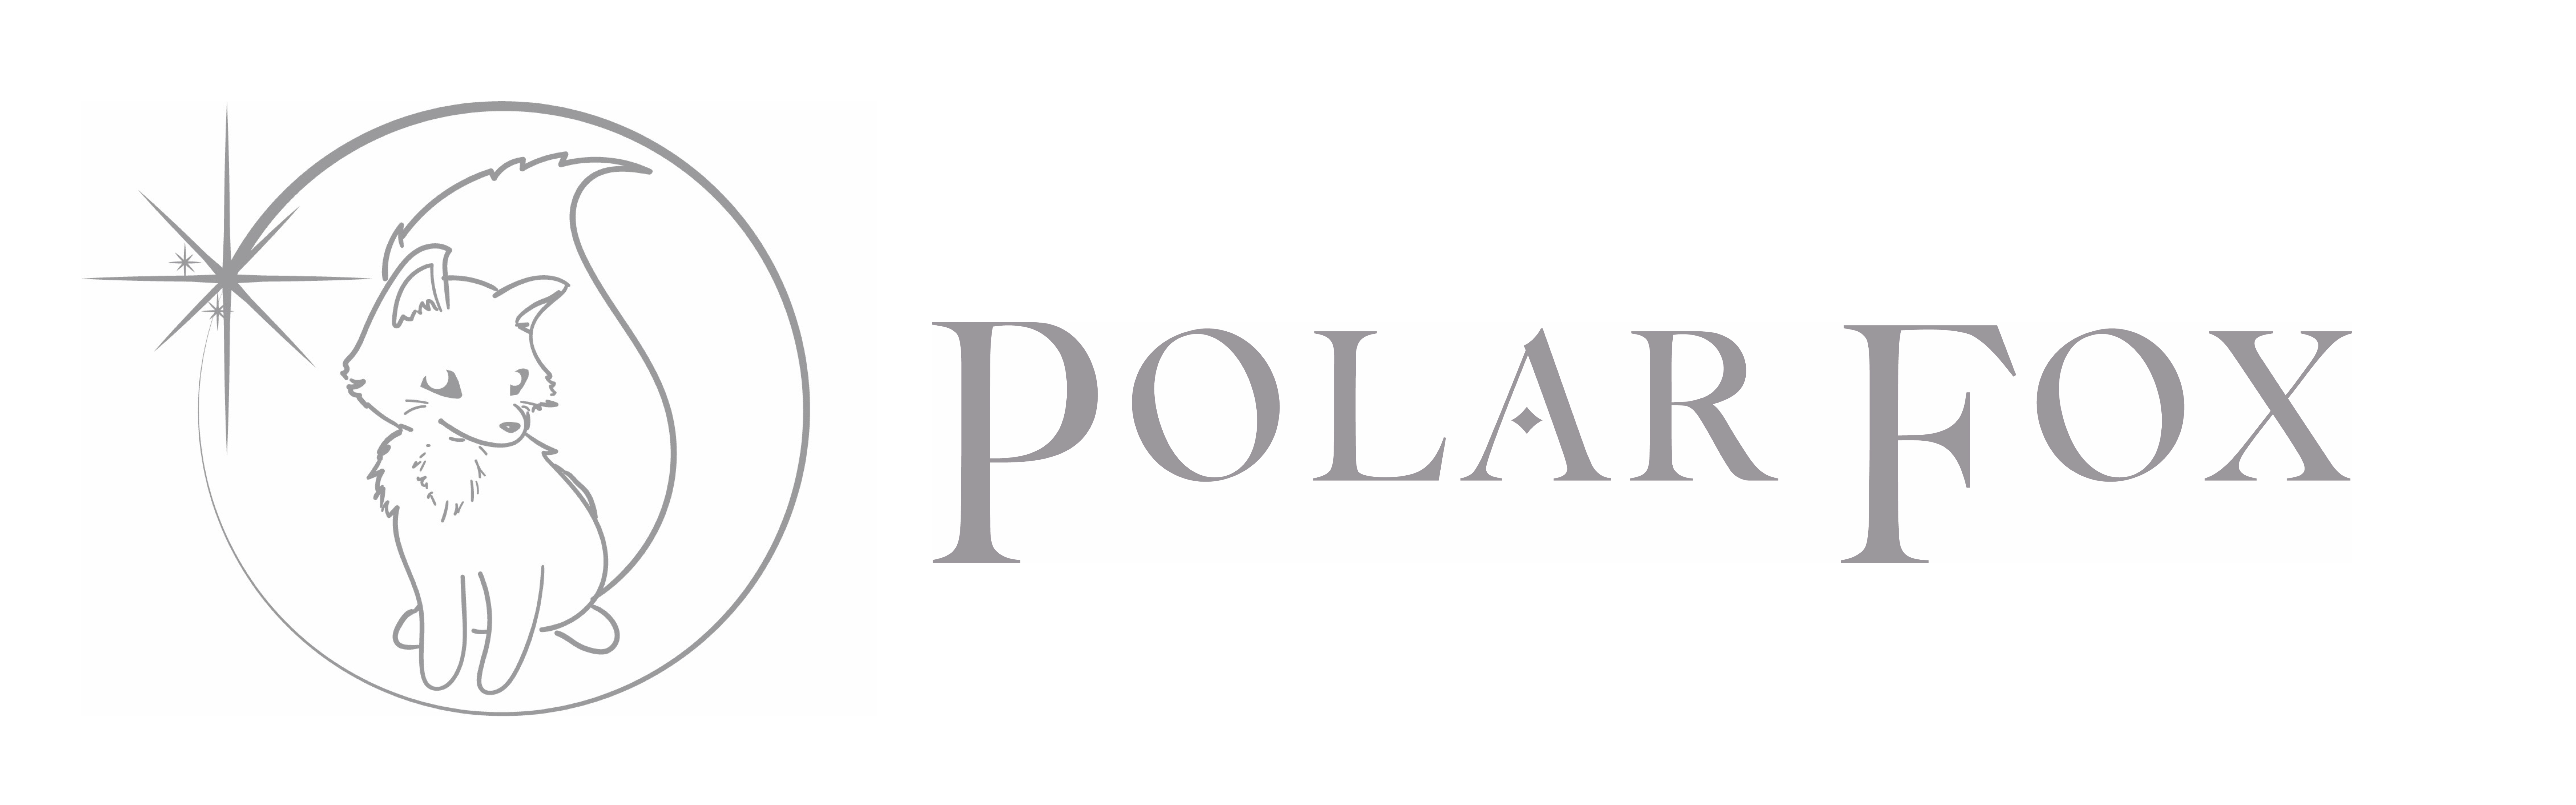 Polar Fox株式会社